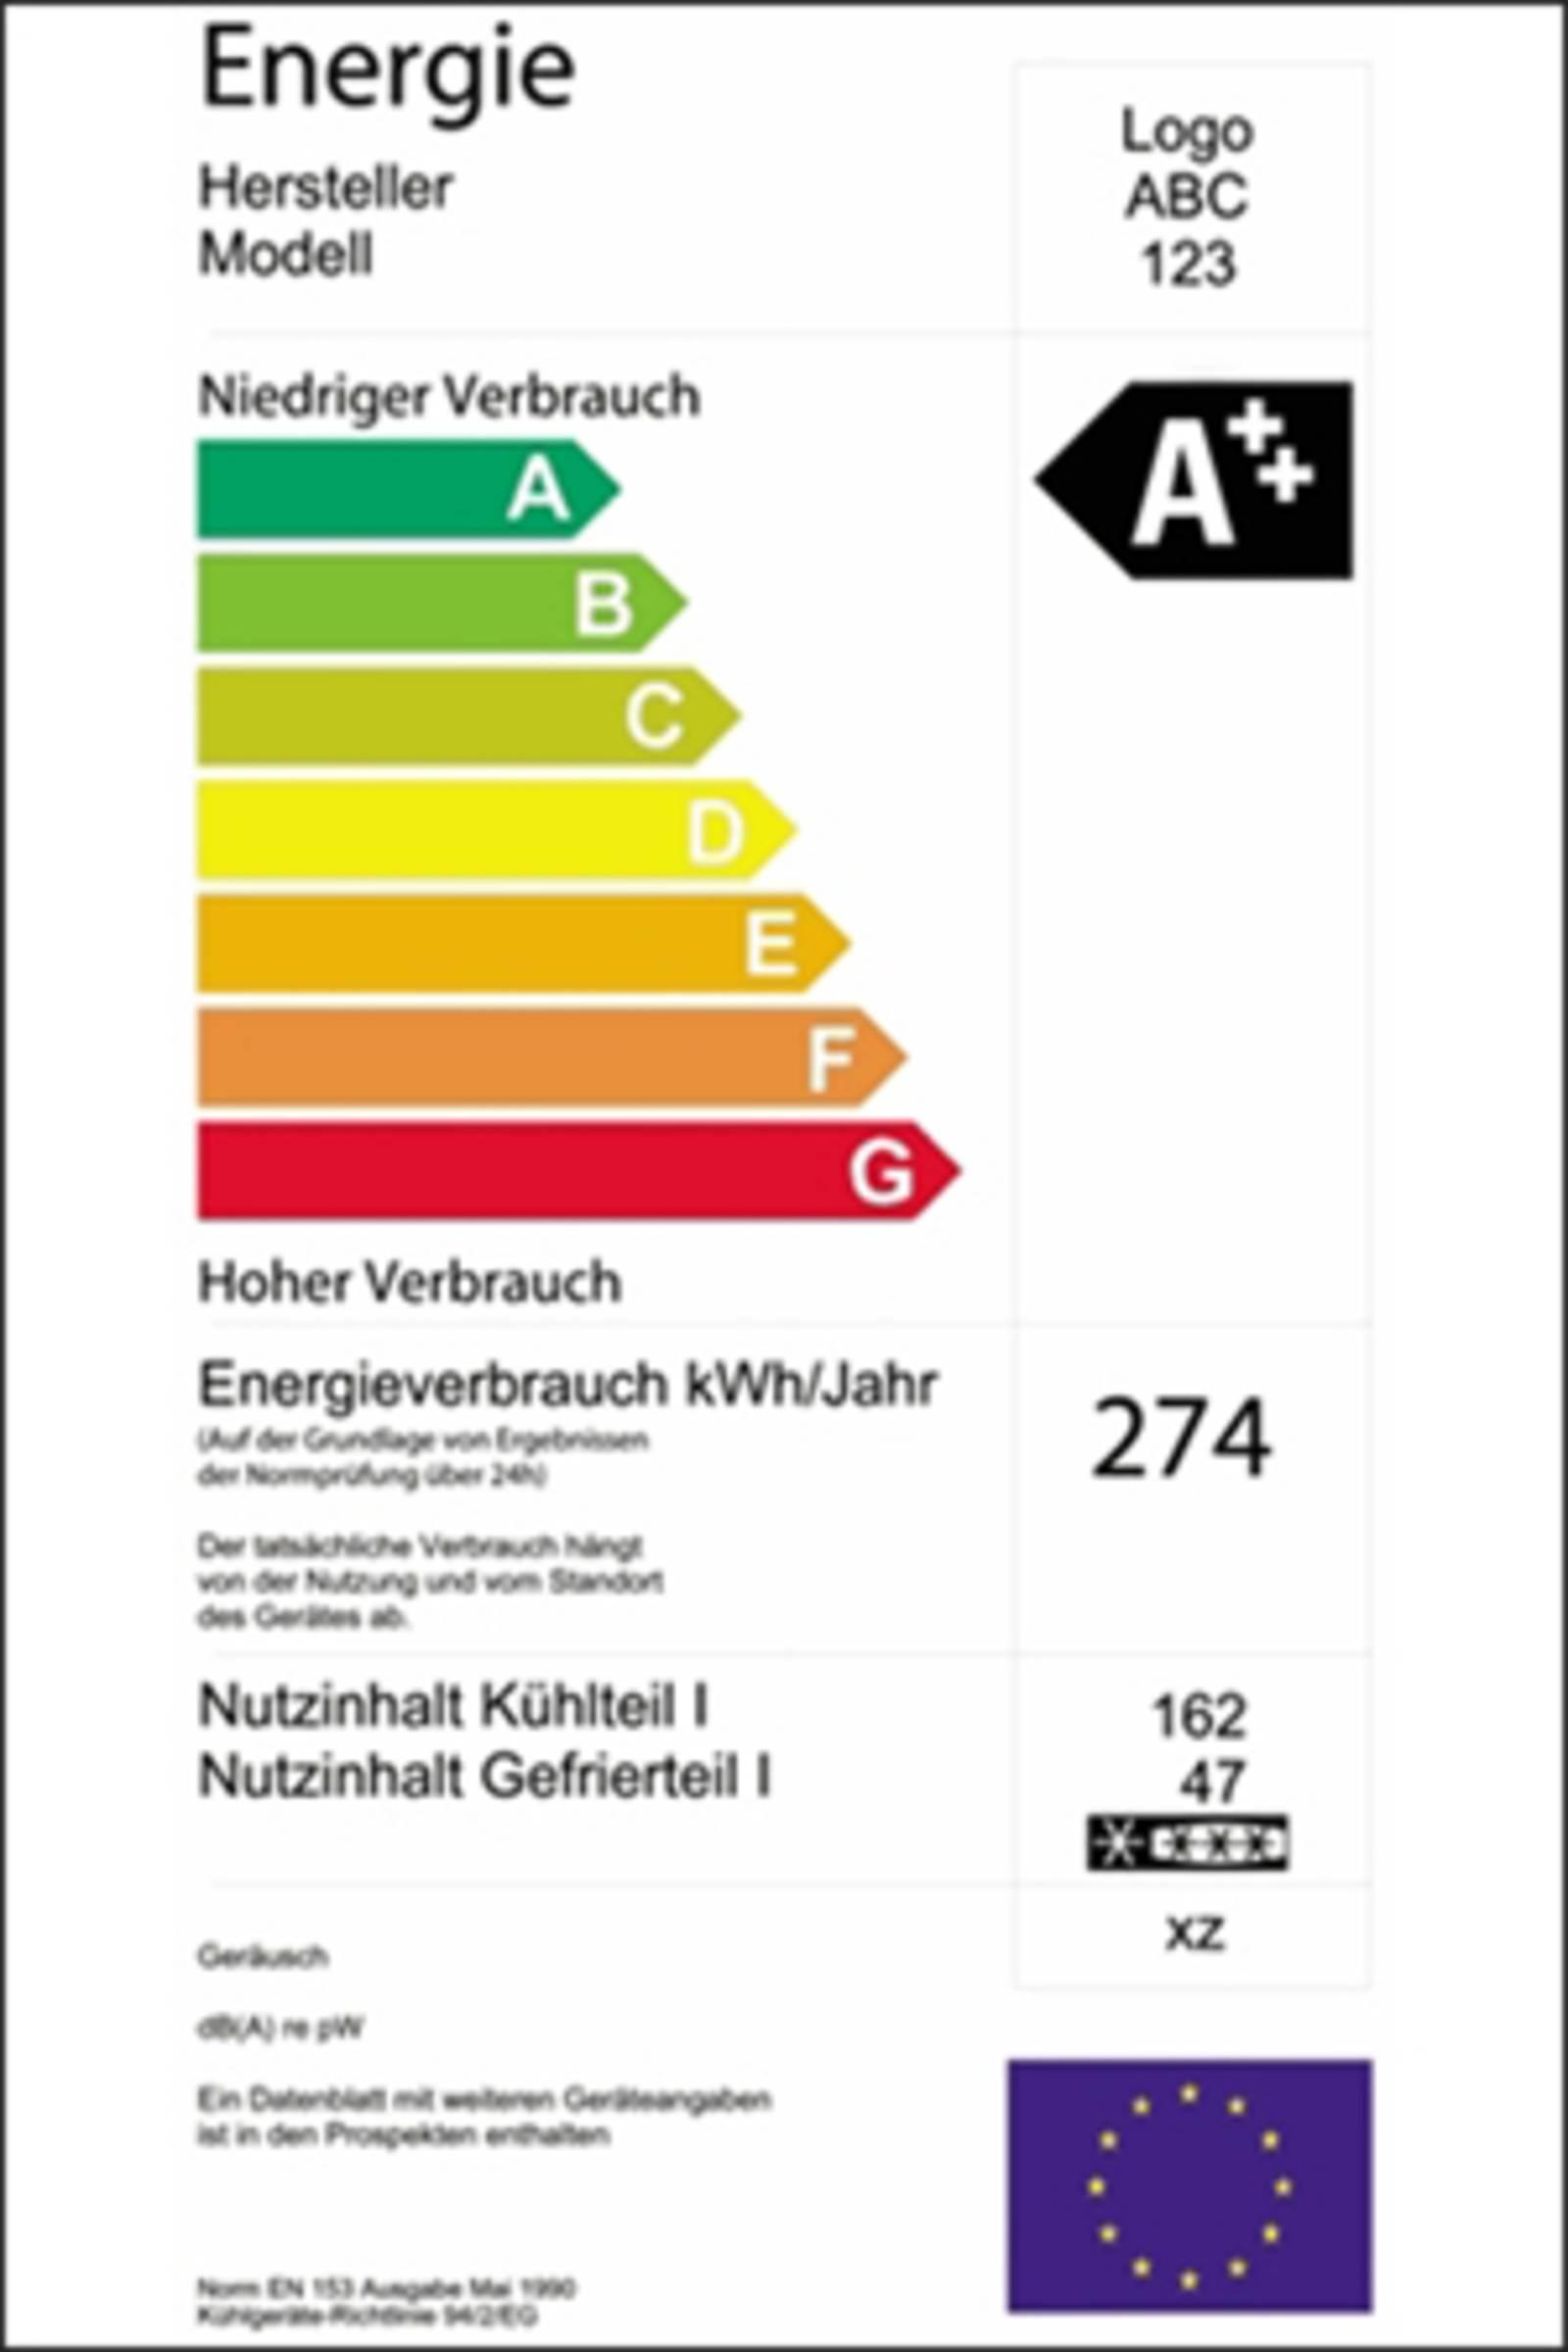 Label für Energieverbrauch